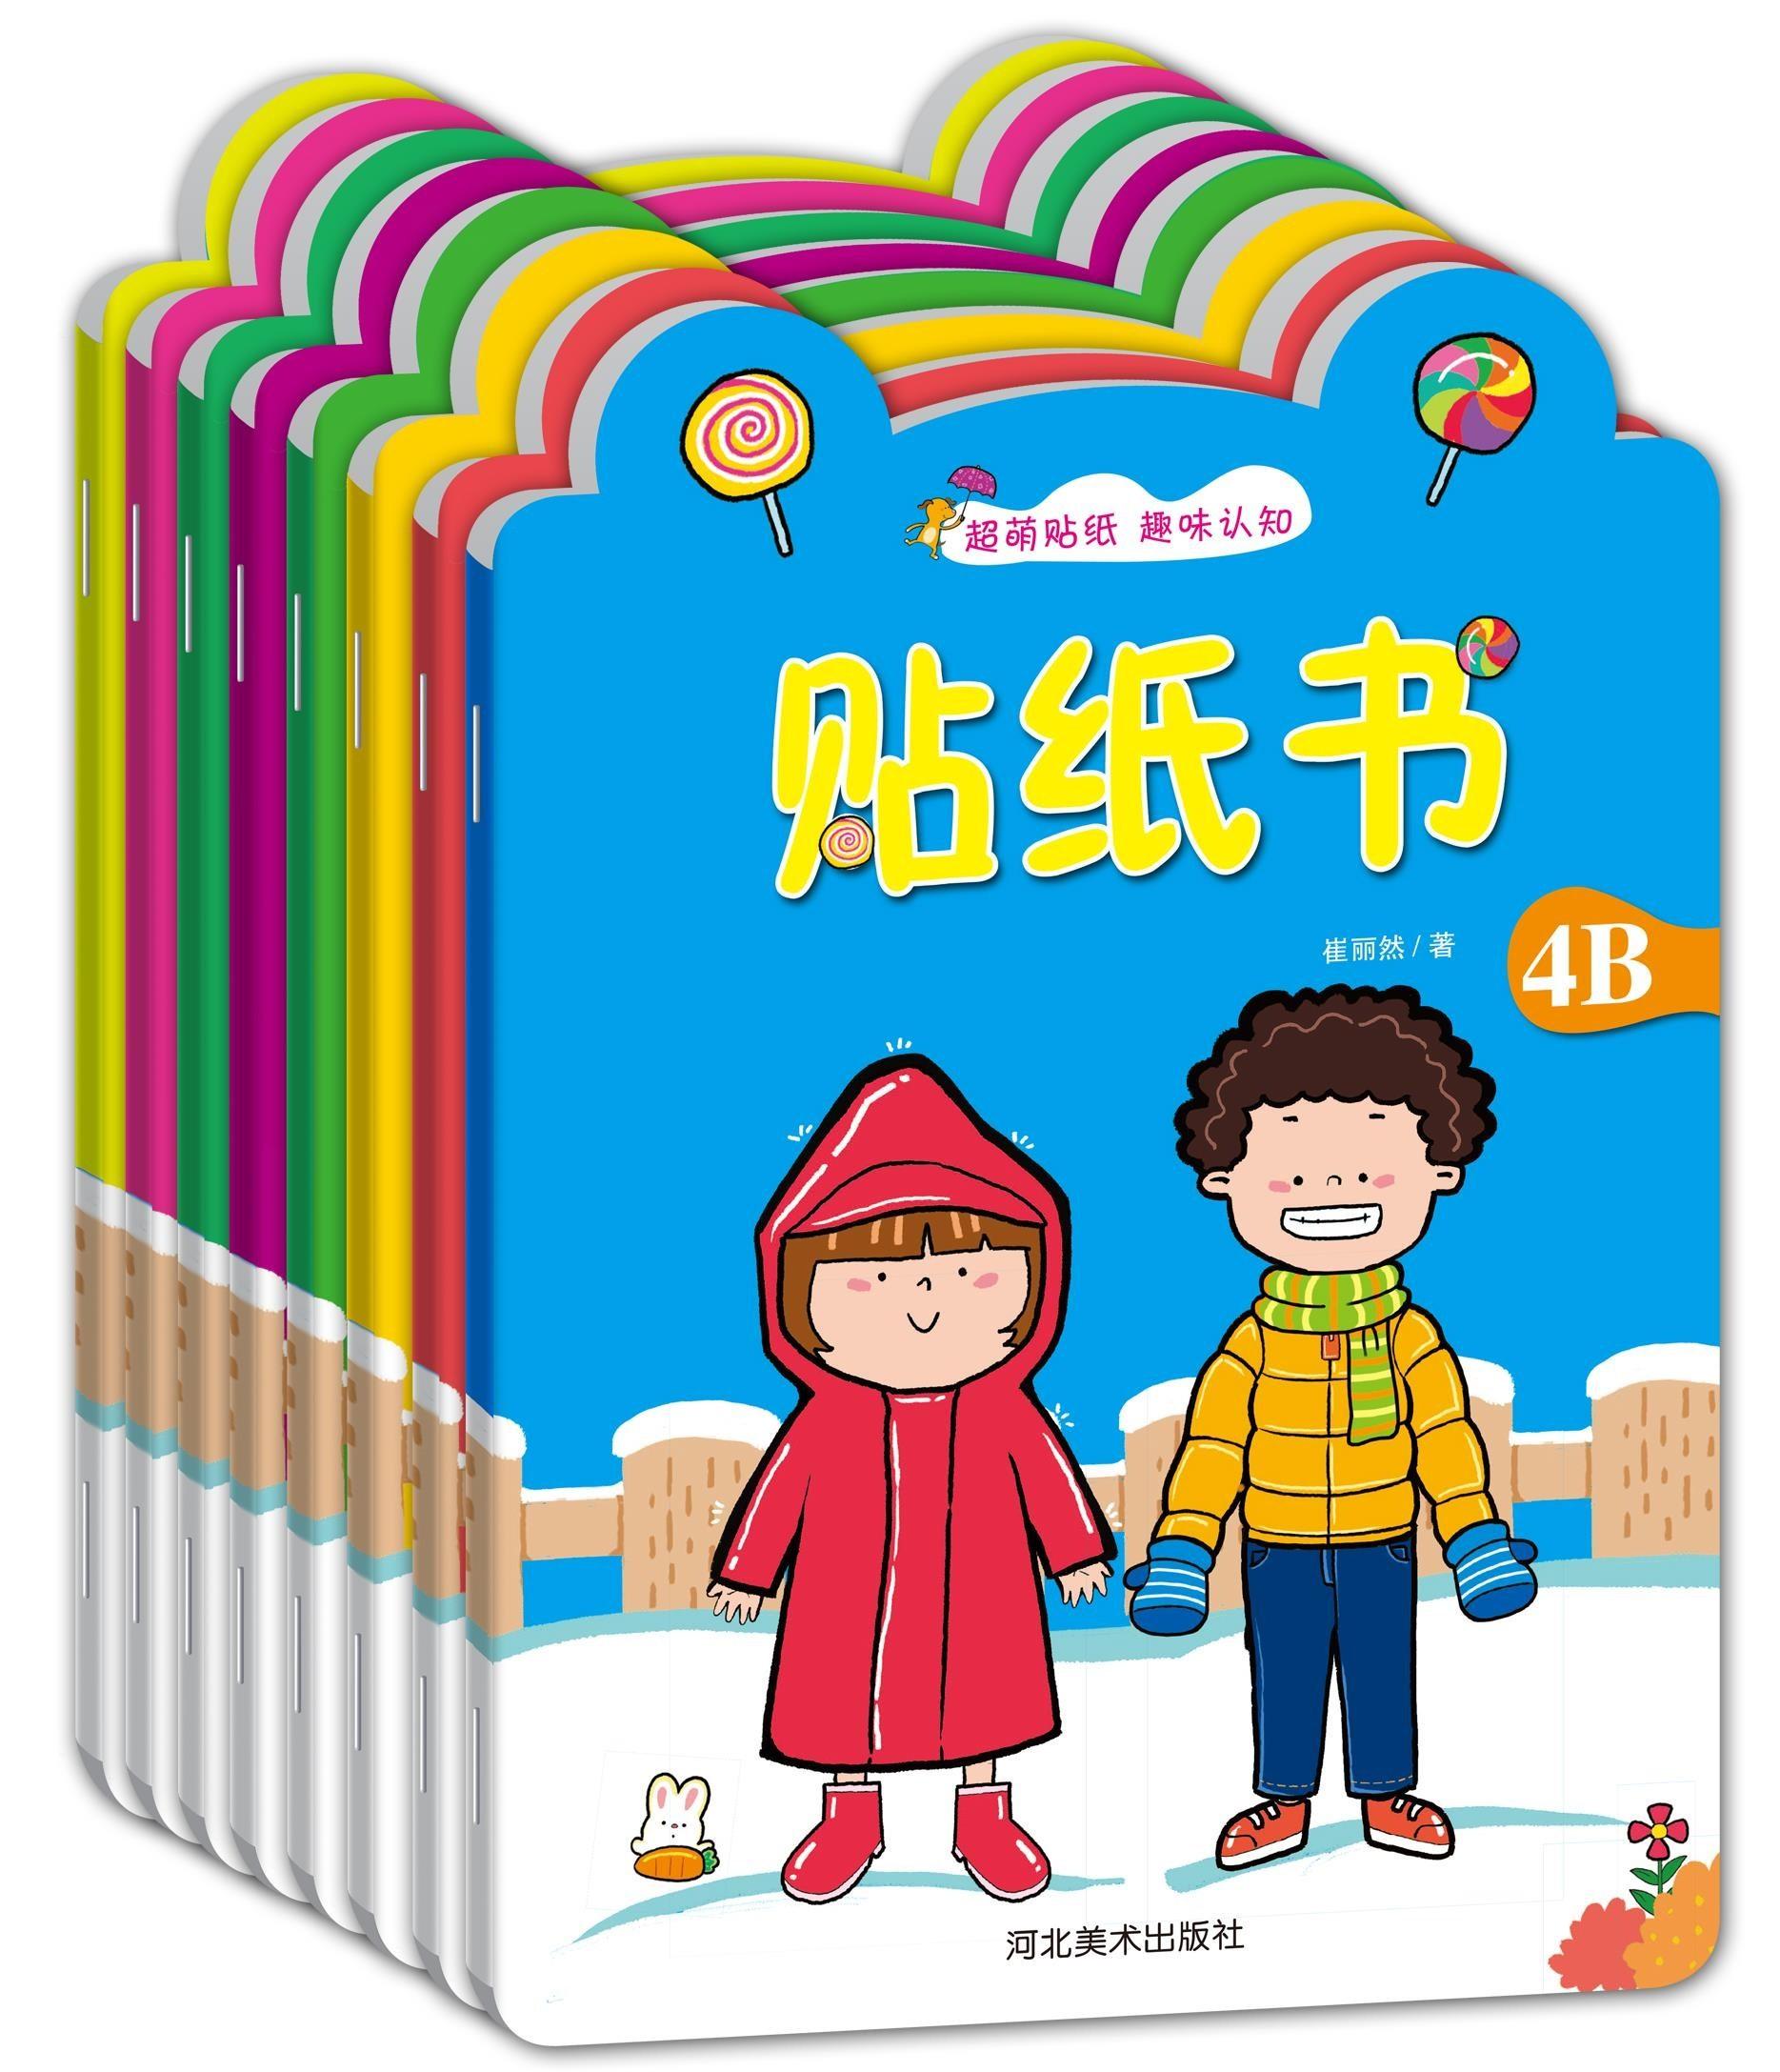 热卖彩色宝宝儿童帖子卡通贴画女孩墙贴纸小孩泡泡贴粘贴识字家用新款